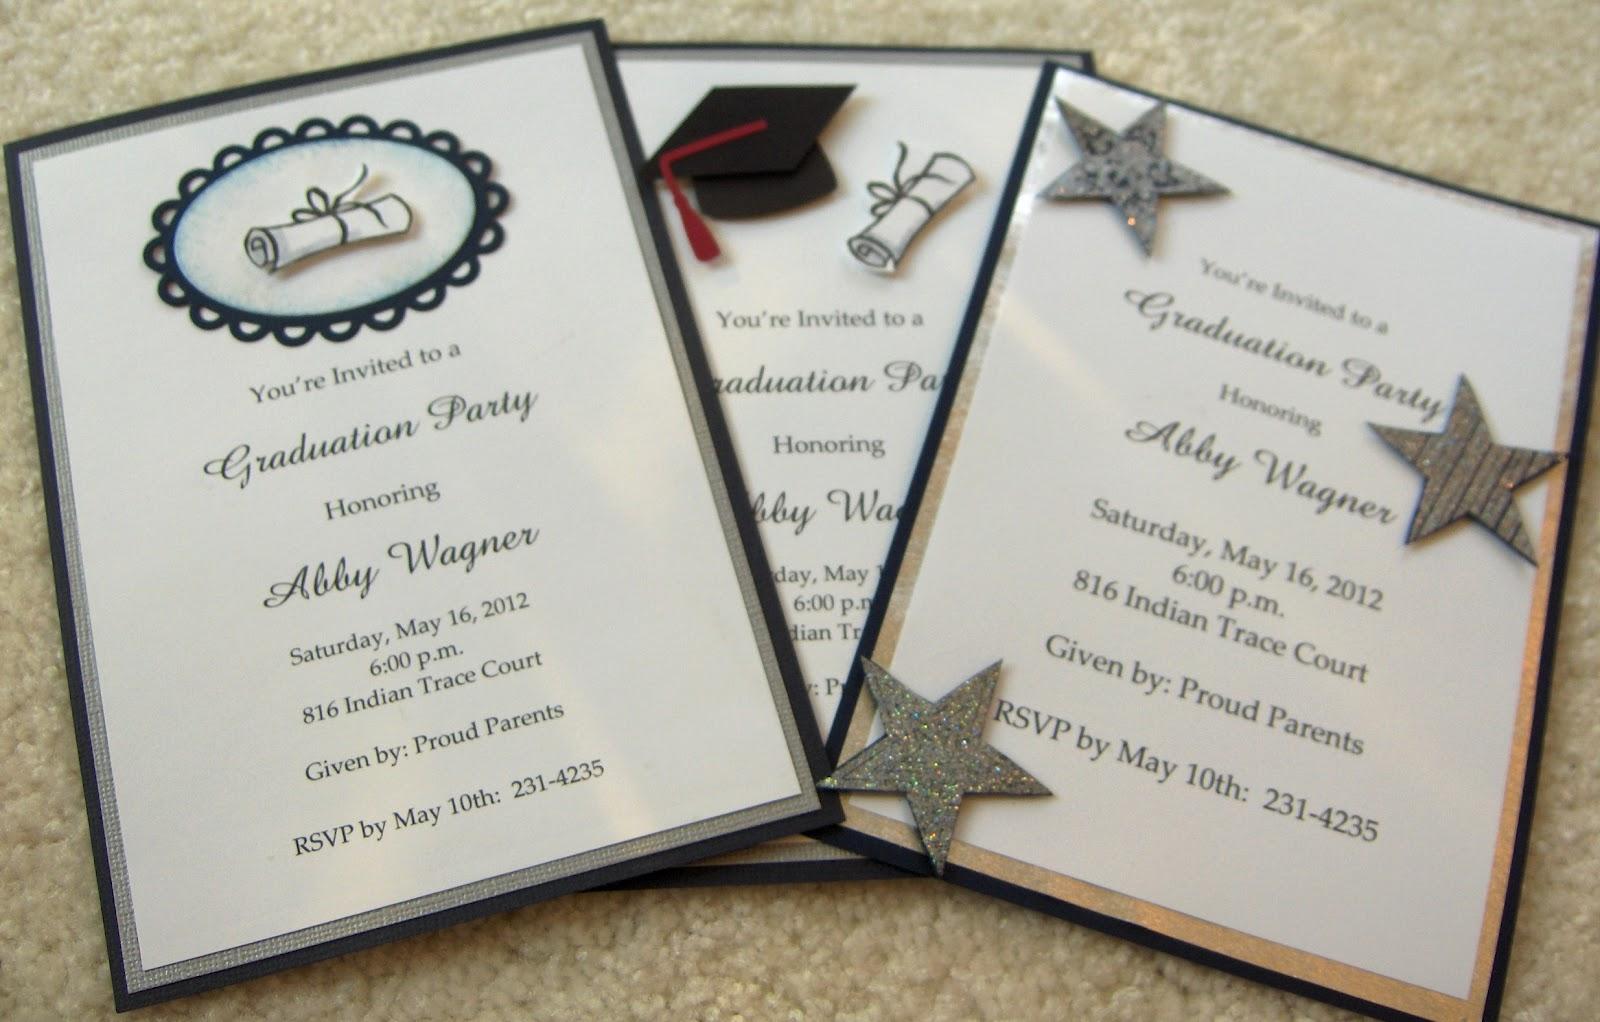 homemade graduation party invitations - Etame.mibawa.co